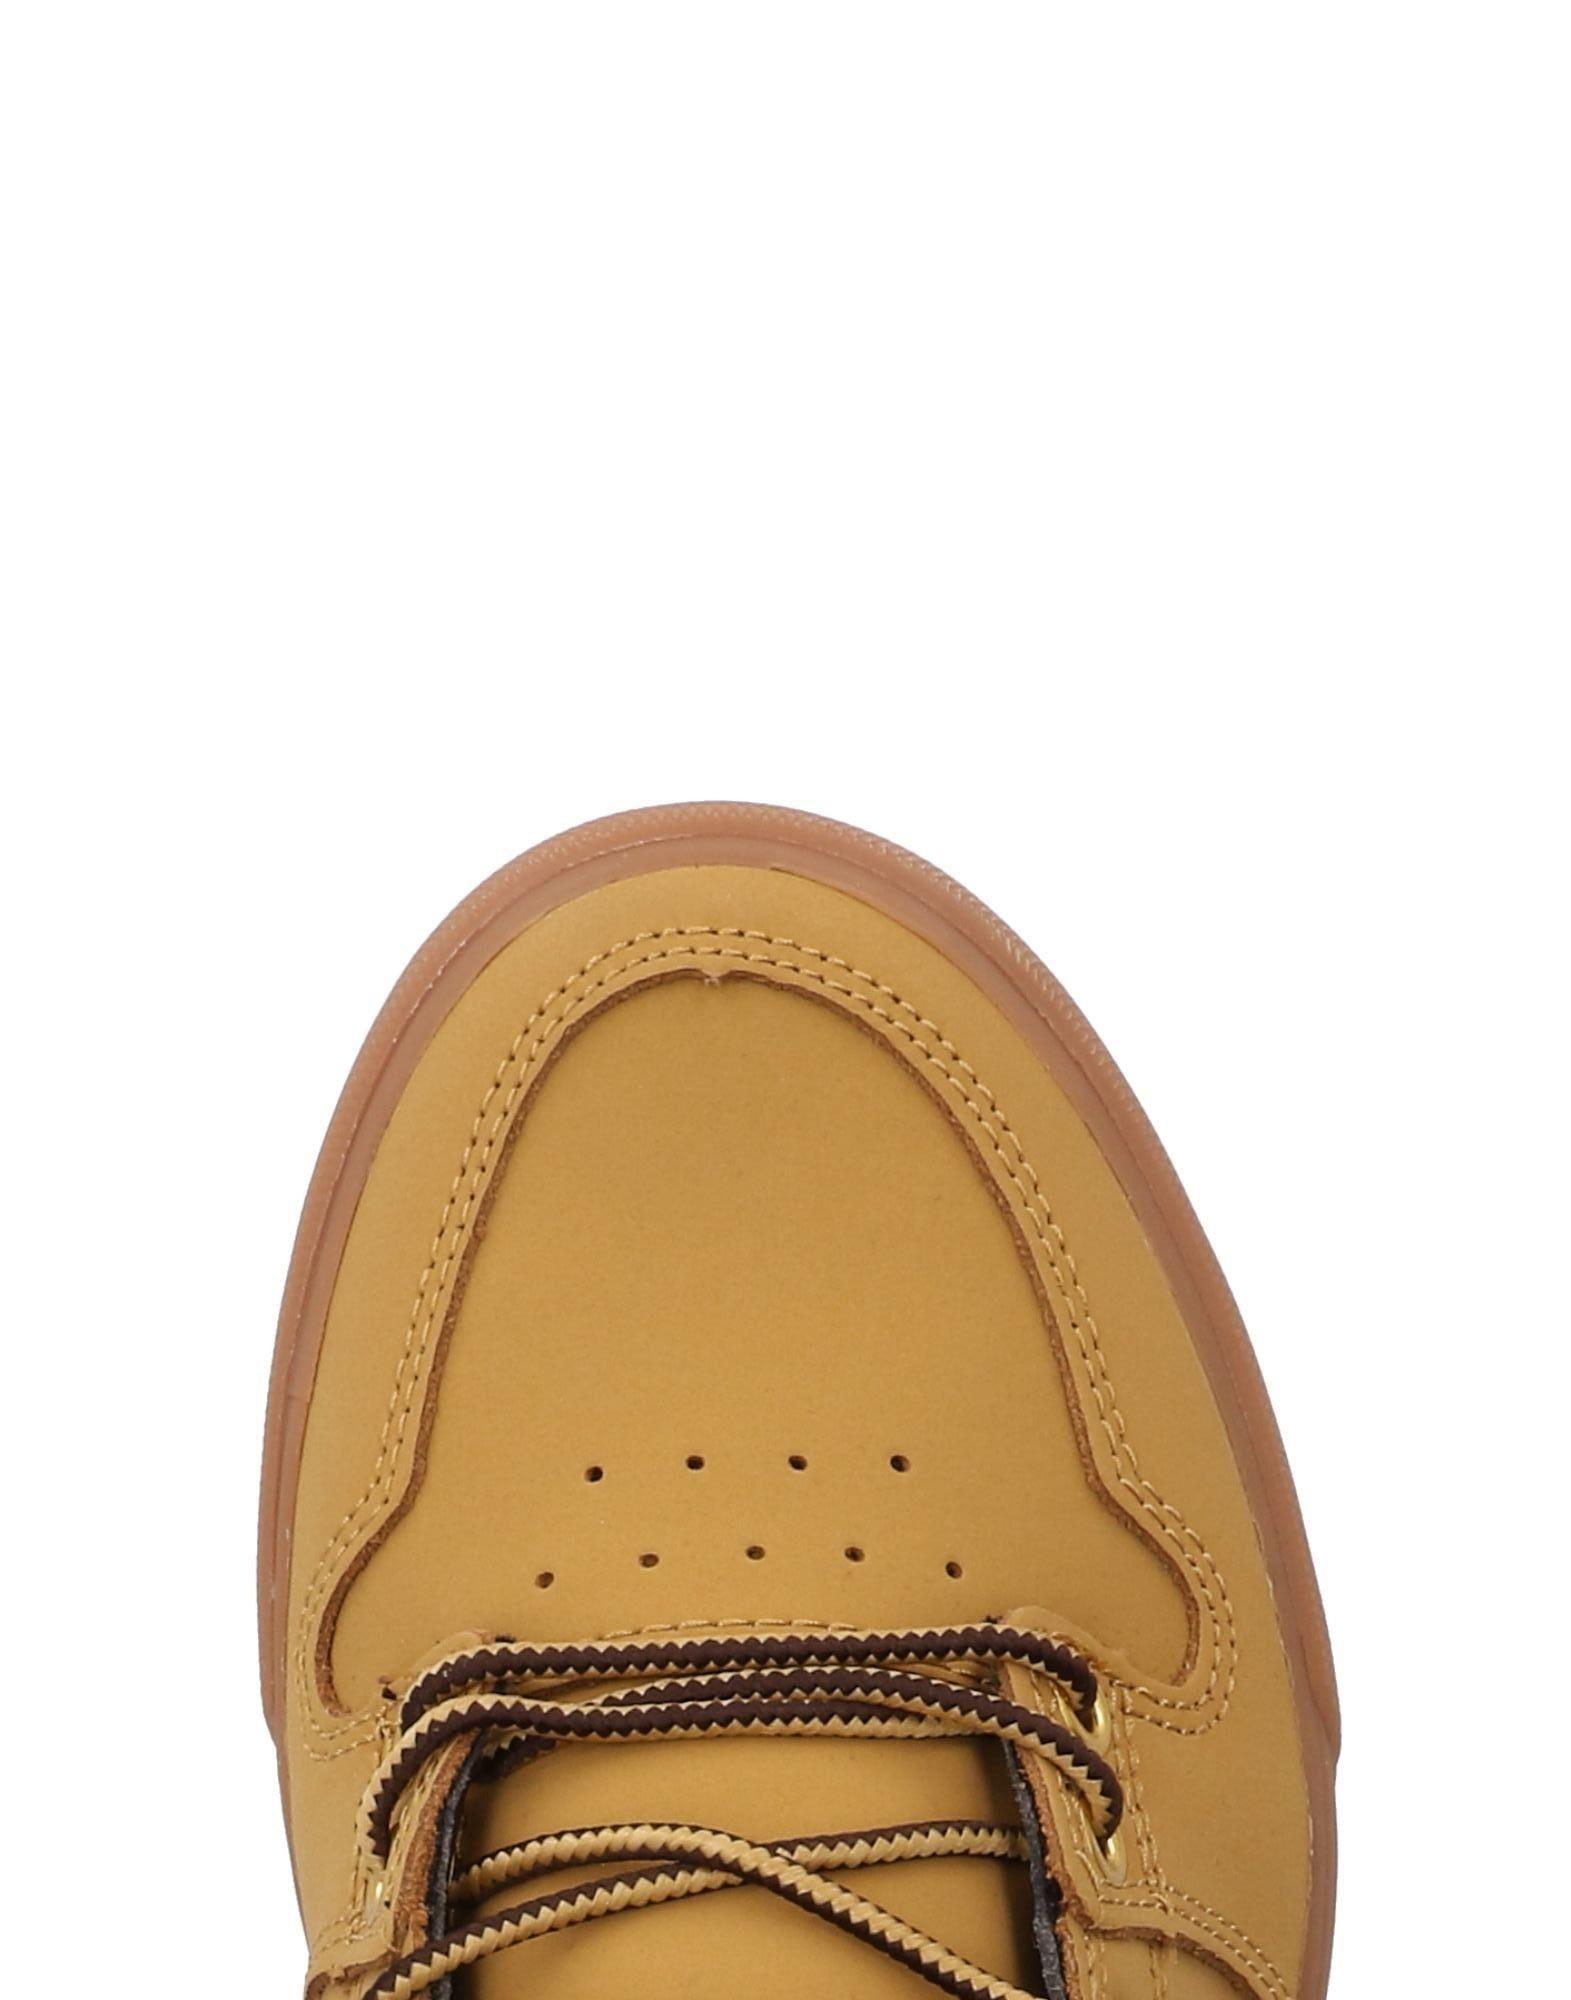 Rabatt echte Schuhe Herren Supra Sneakers Herren Schuhe  11471988QT ca0311